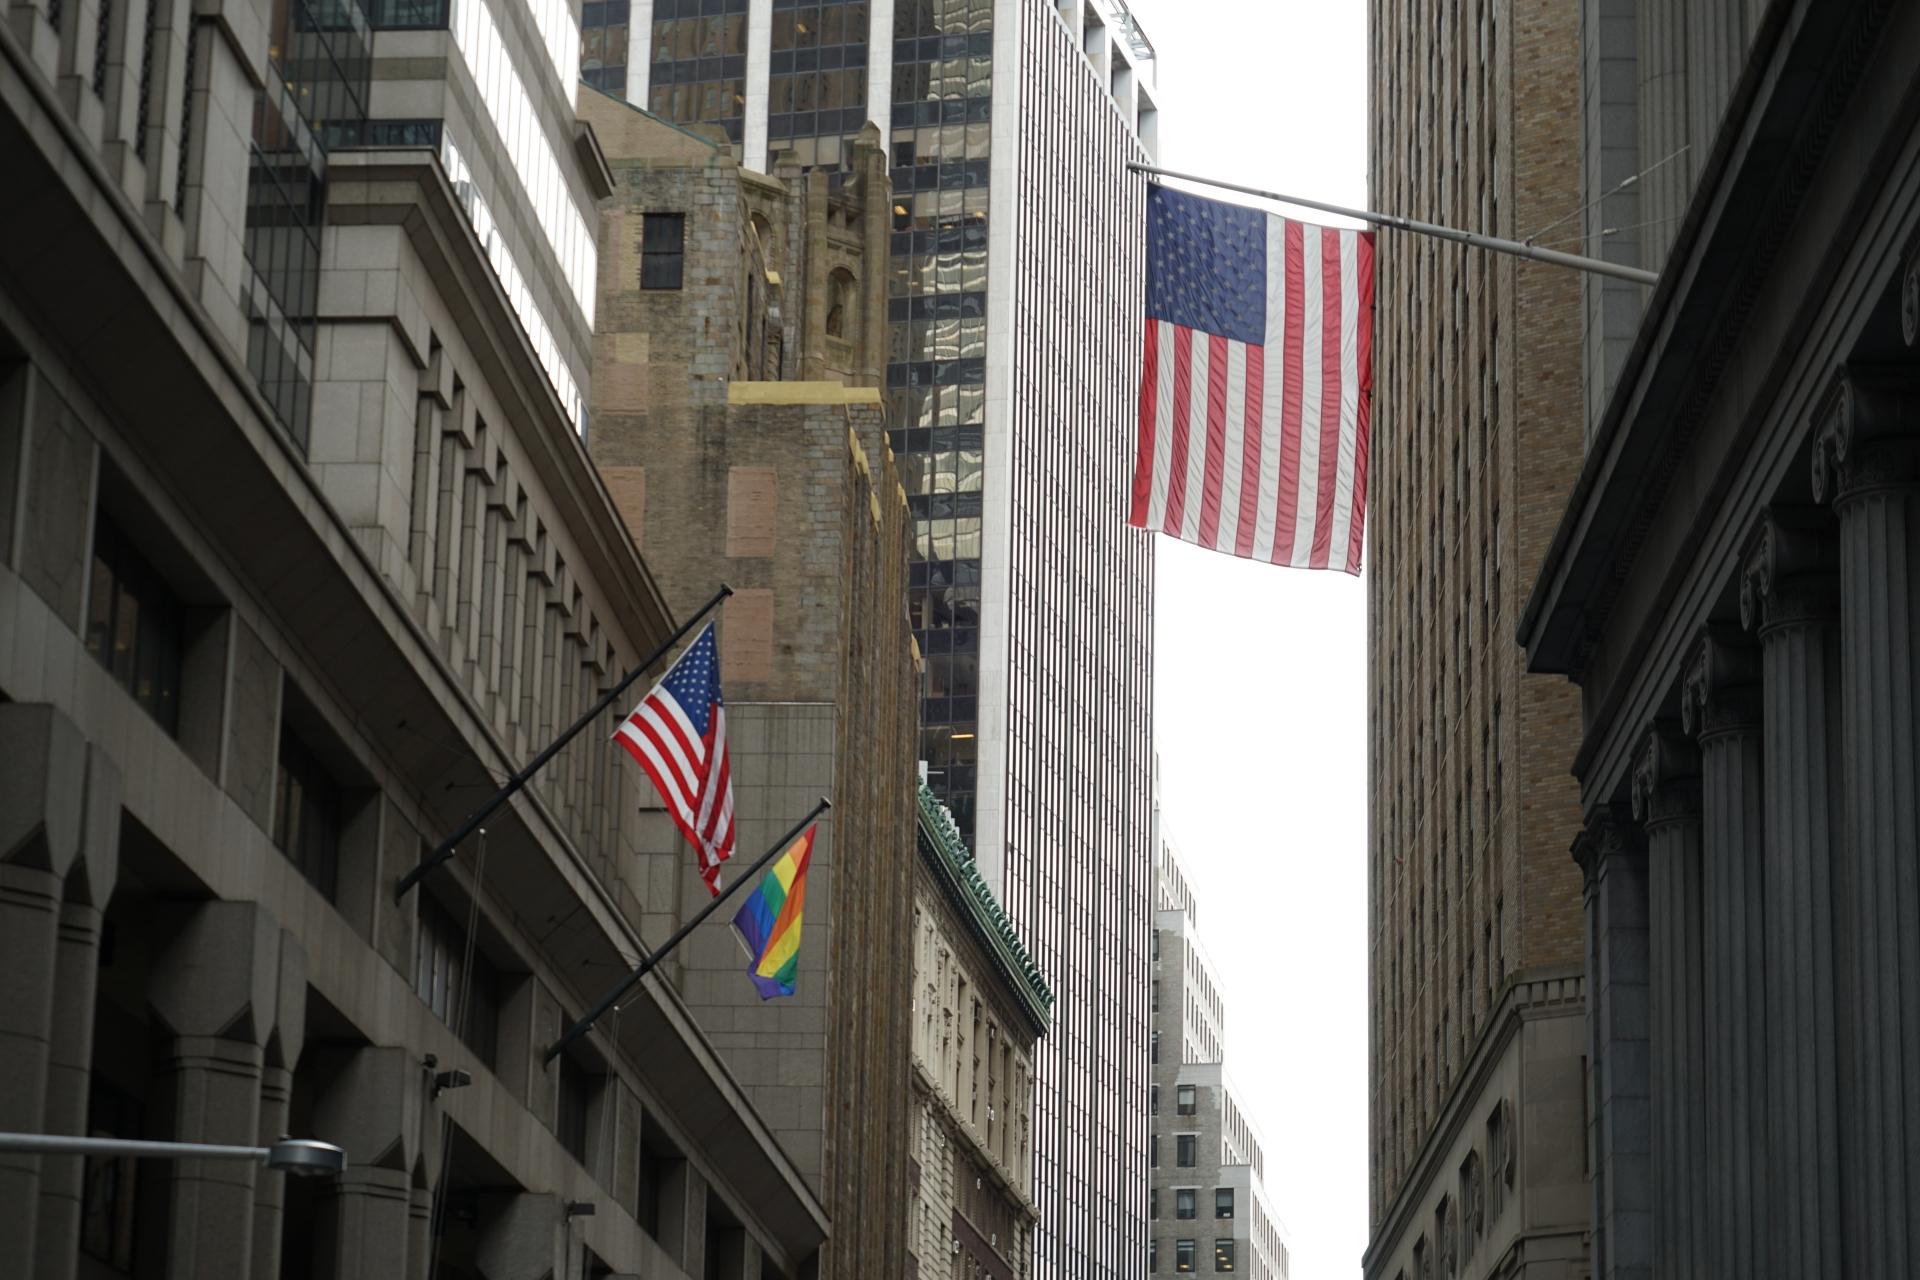 特別買収目的会社(SPAC)が米国で注目されている理由